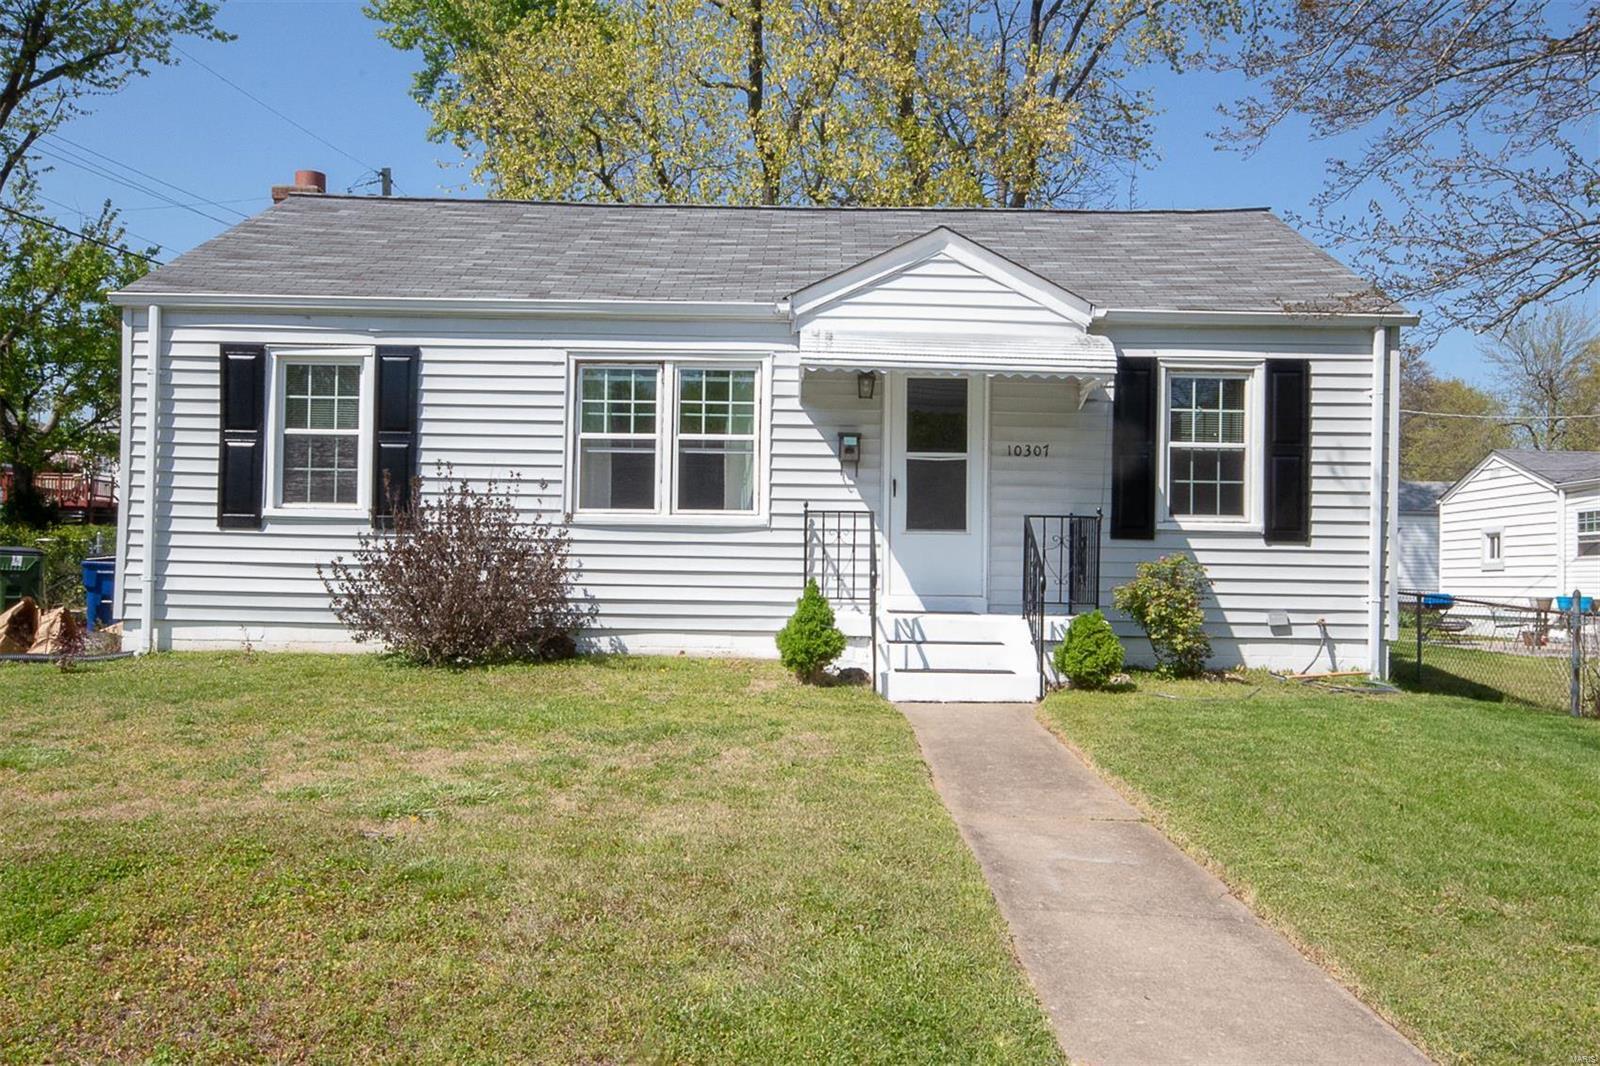 10307 St. Henry Lane Property Photo